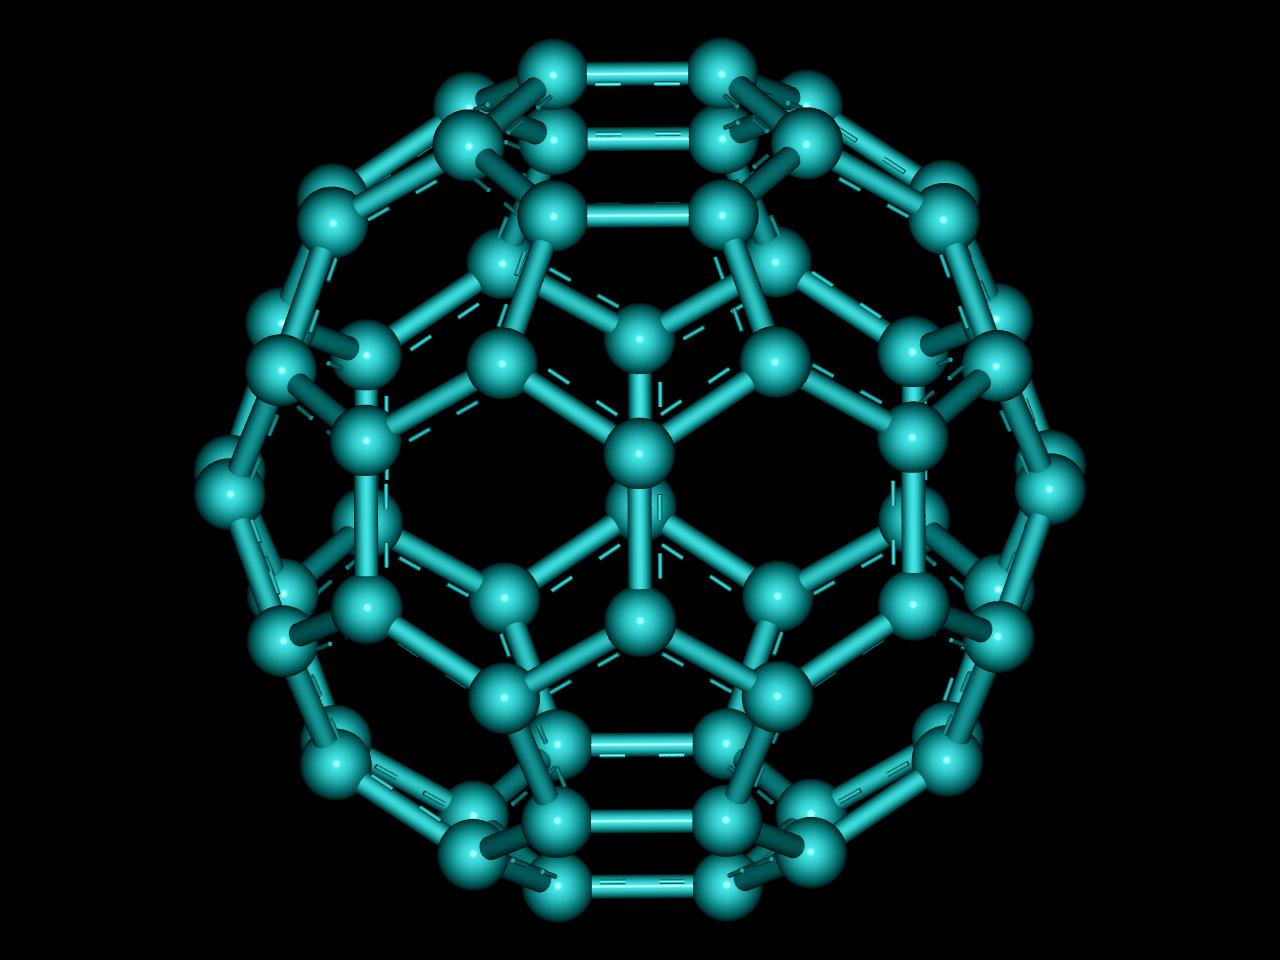 La molécule c60